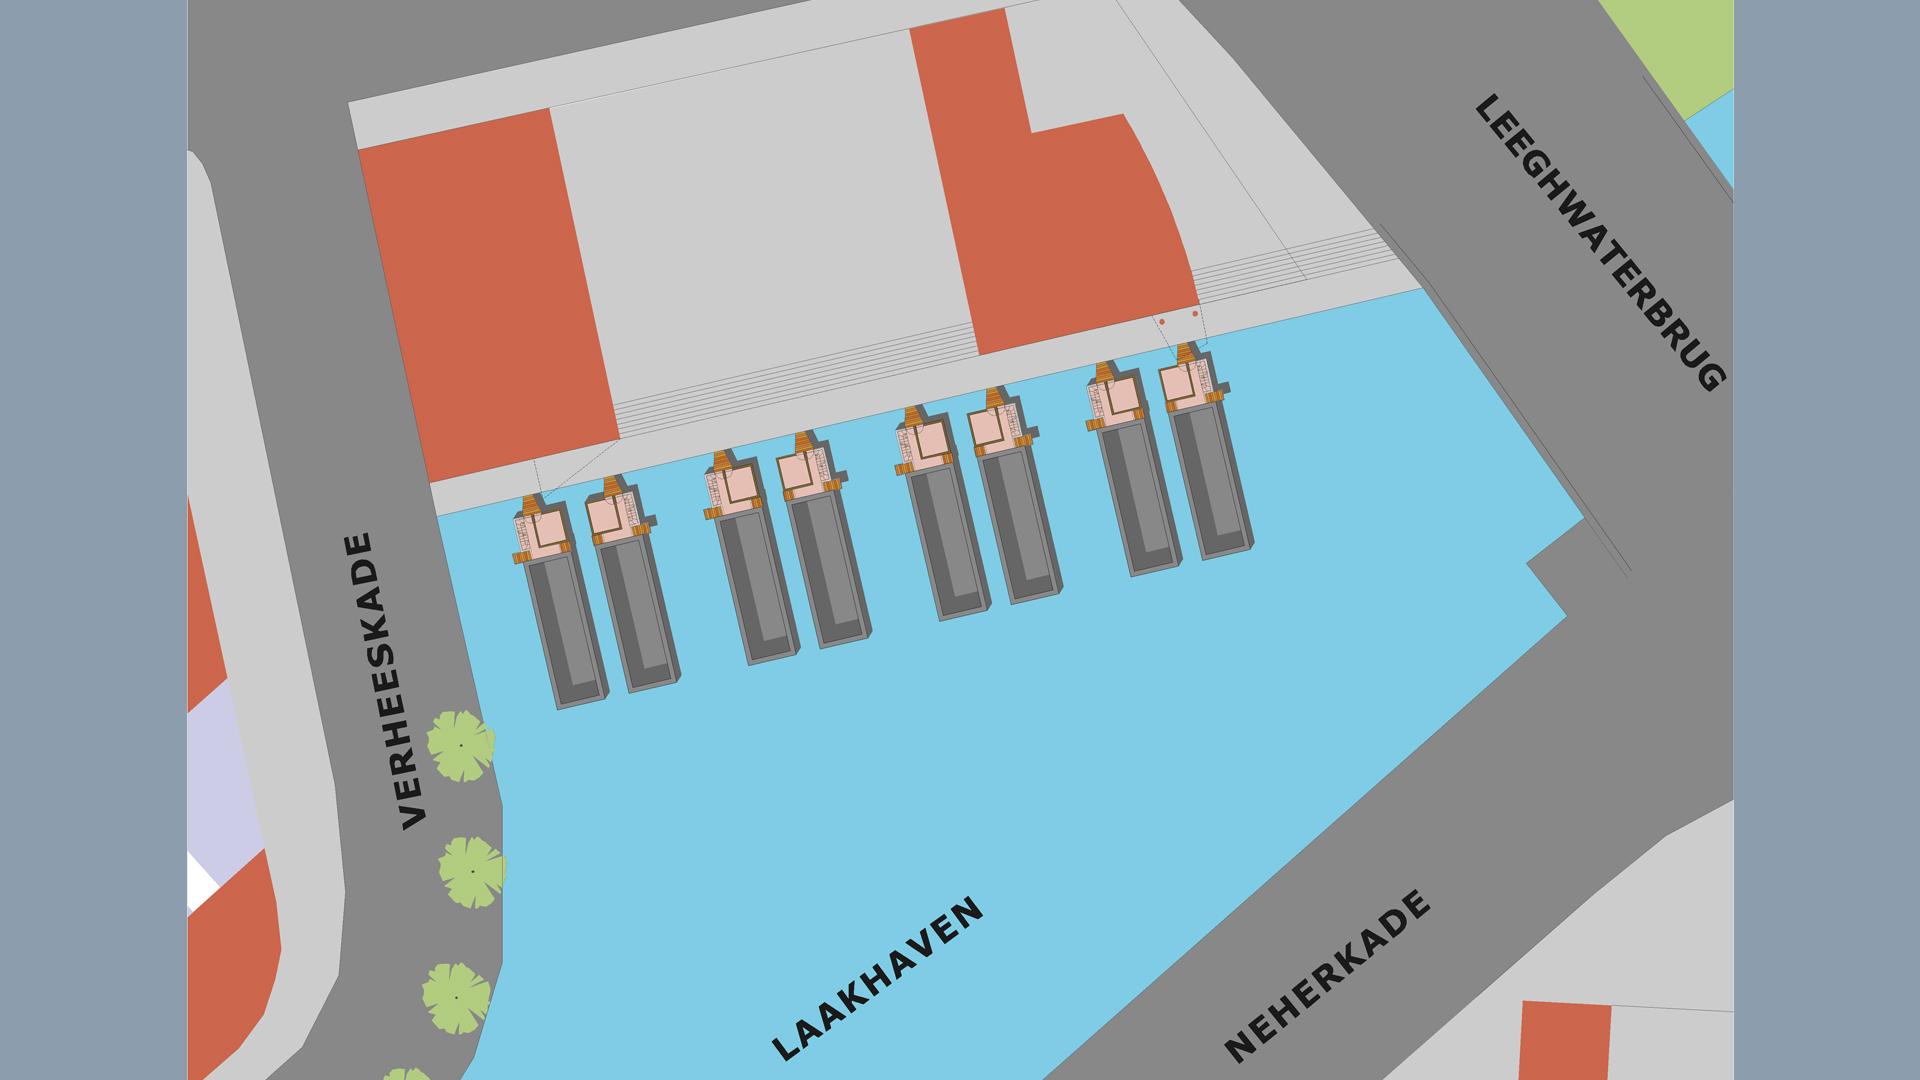 Waterwonen laakhaven 2